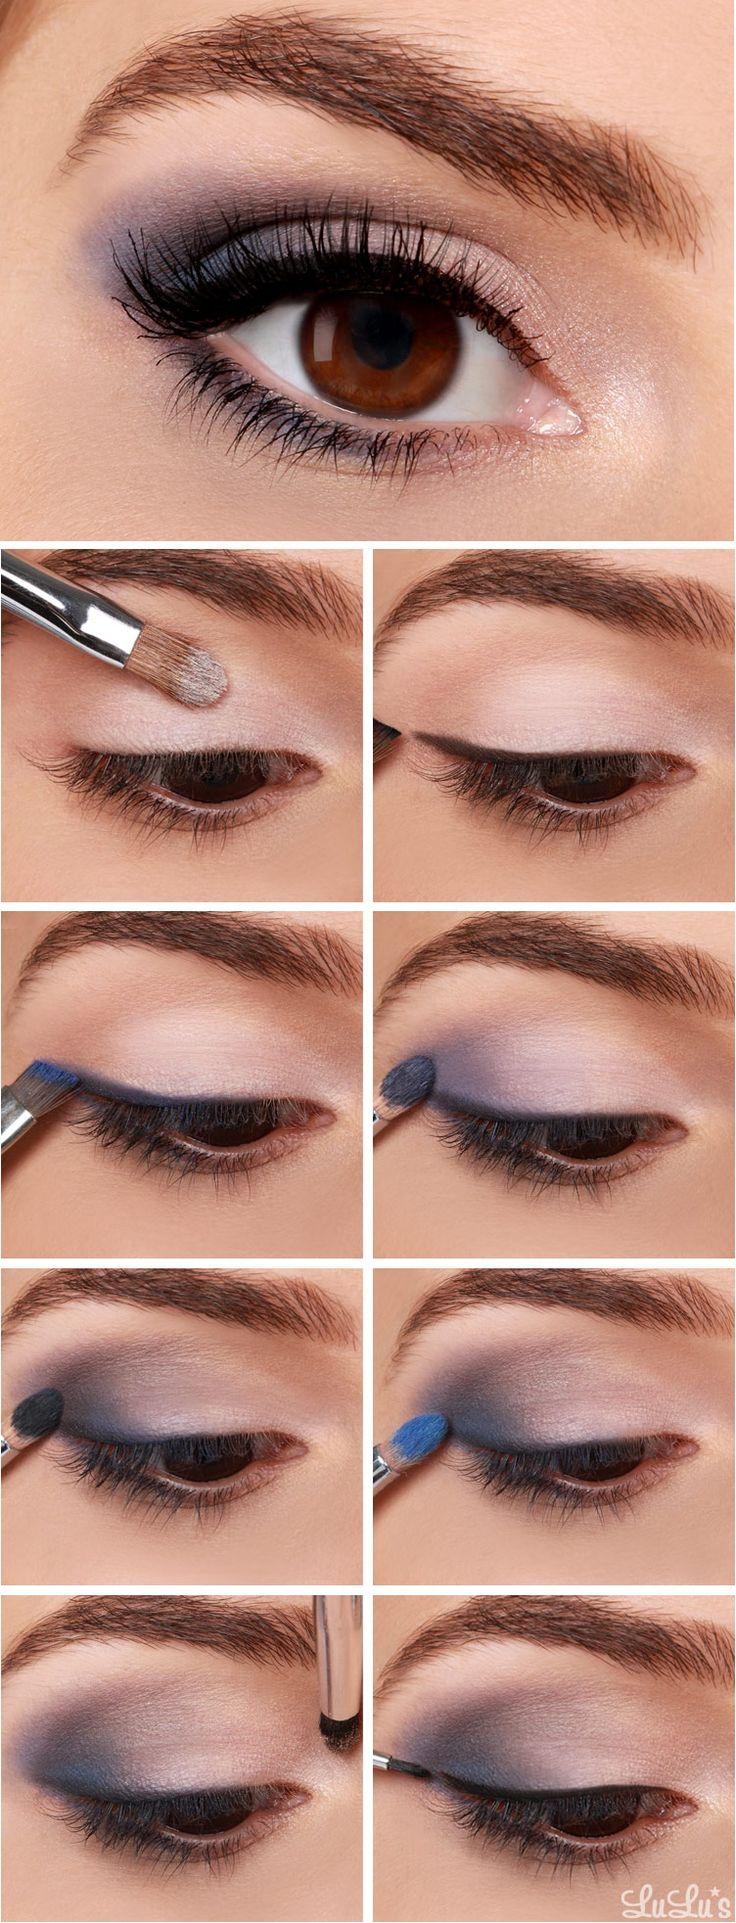 Buğulu Göz Makyajı Nasıl Yapılır?